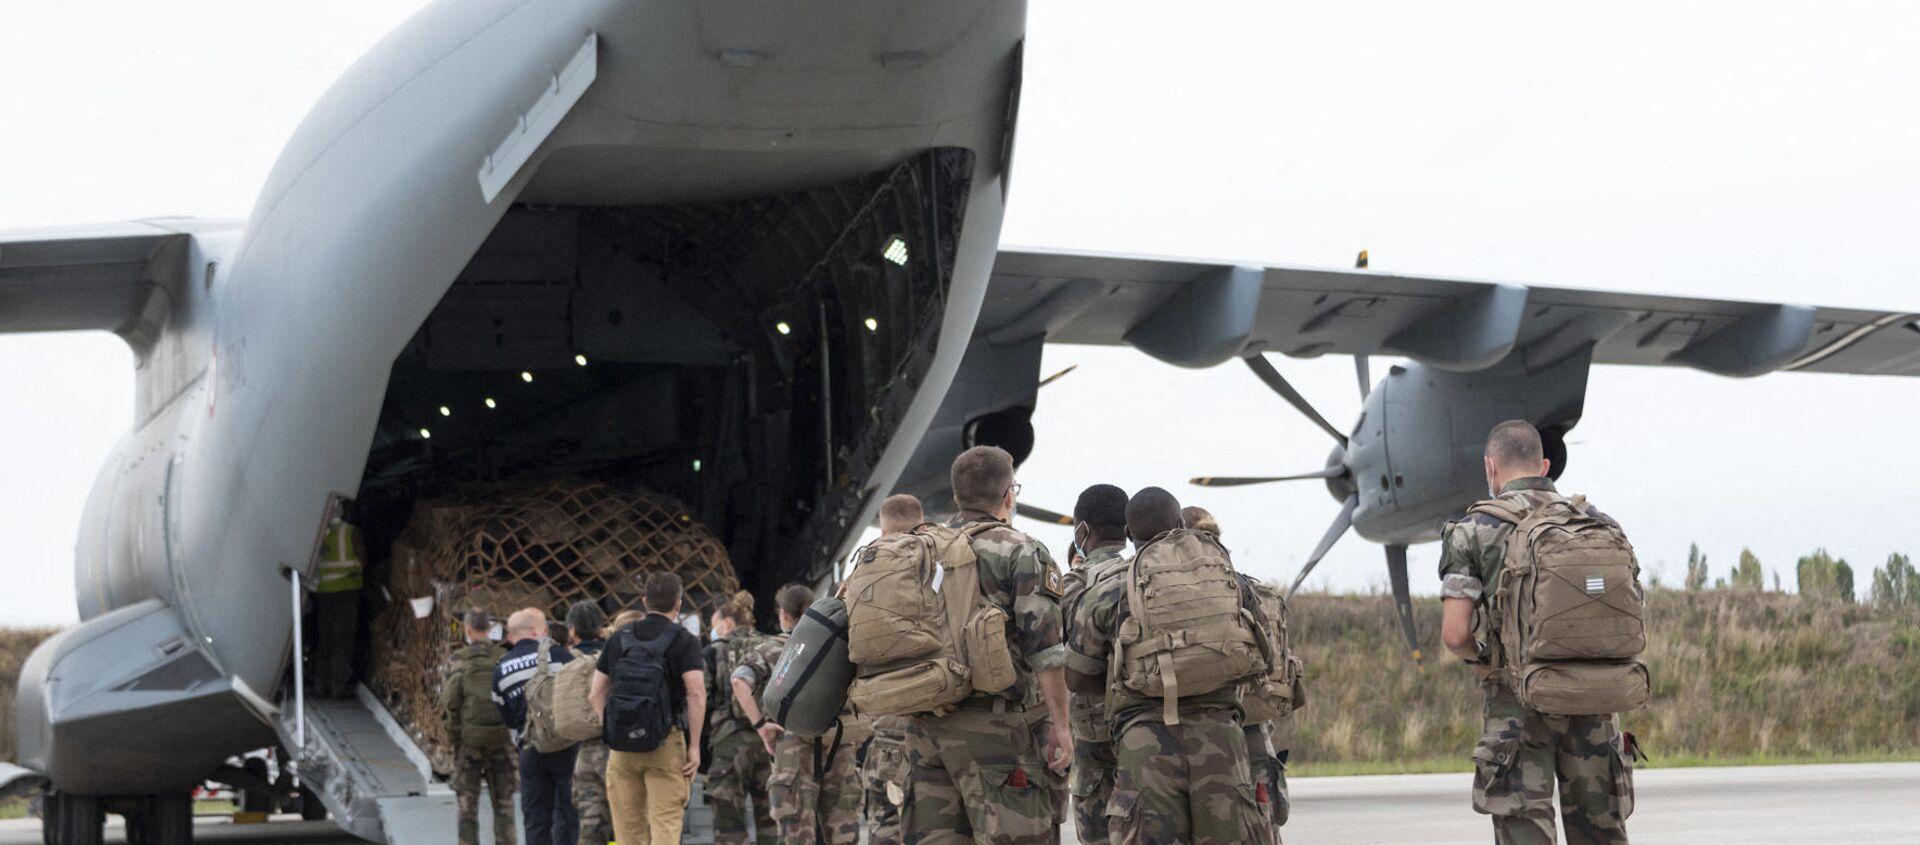 Les forces françaises quittent l'Afghanistan, le 16 août 2021 - Sputnik France, 1920, 16.08.2021